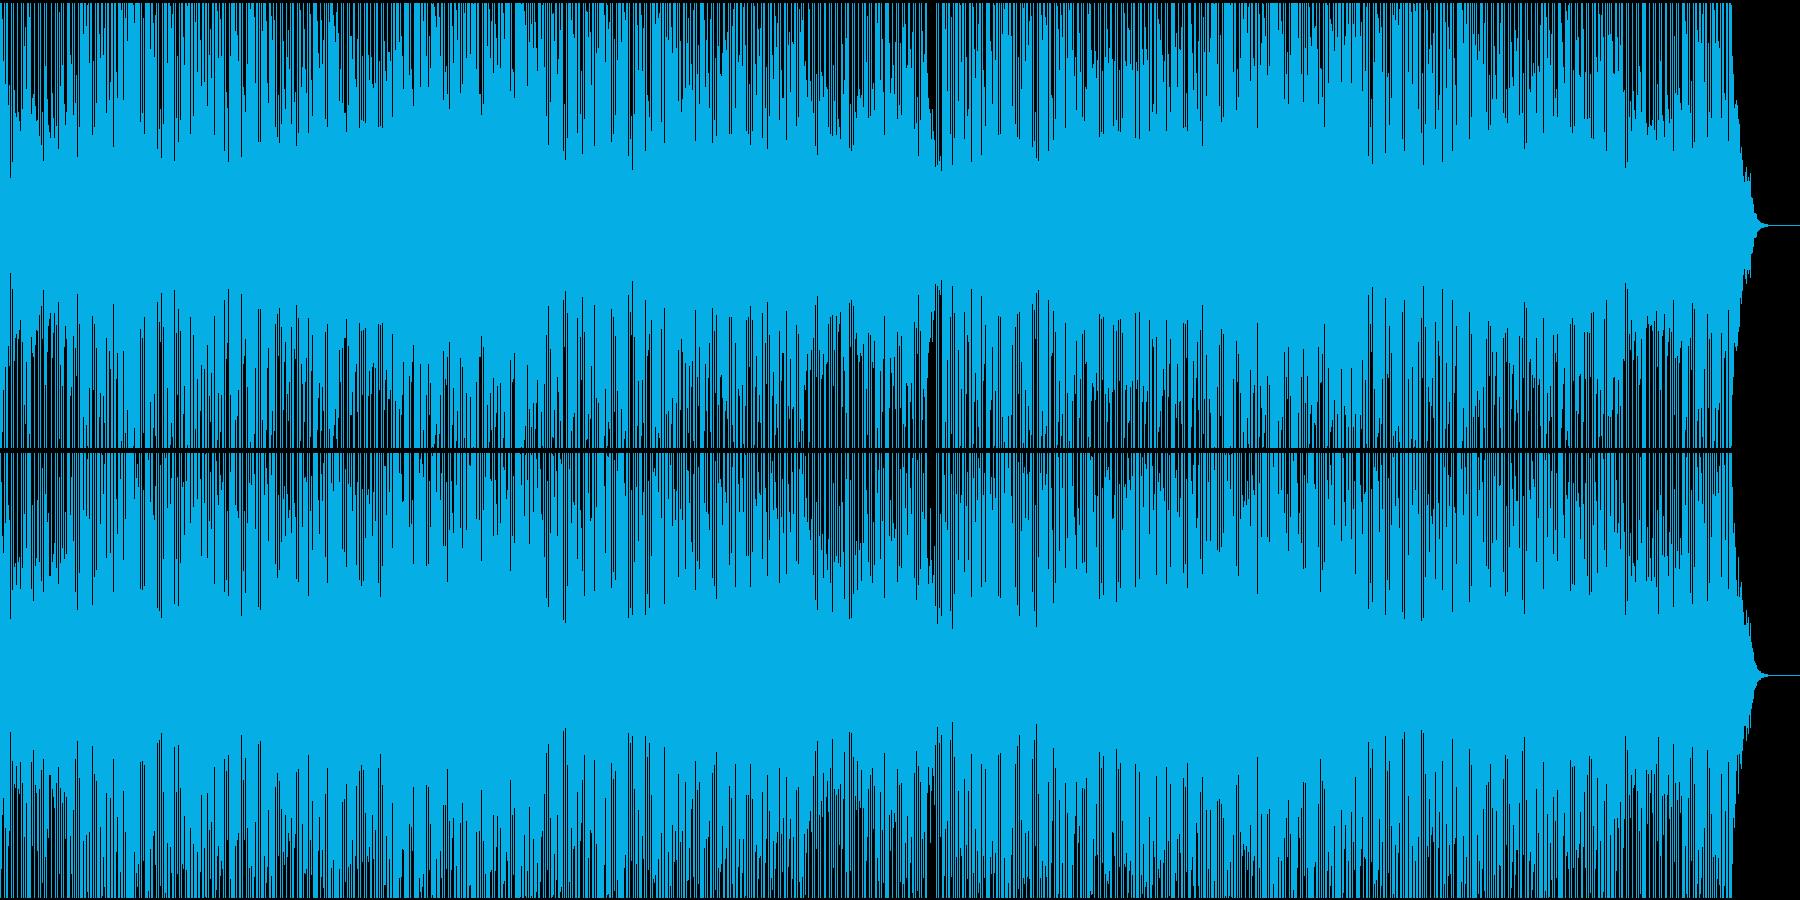 アシッドジャズ風の落ち着いたBGMの再生済みの波形